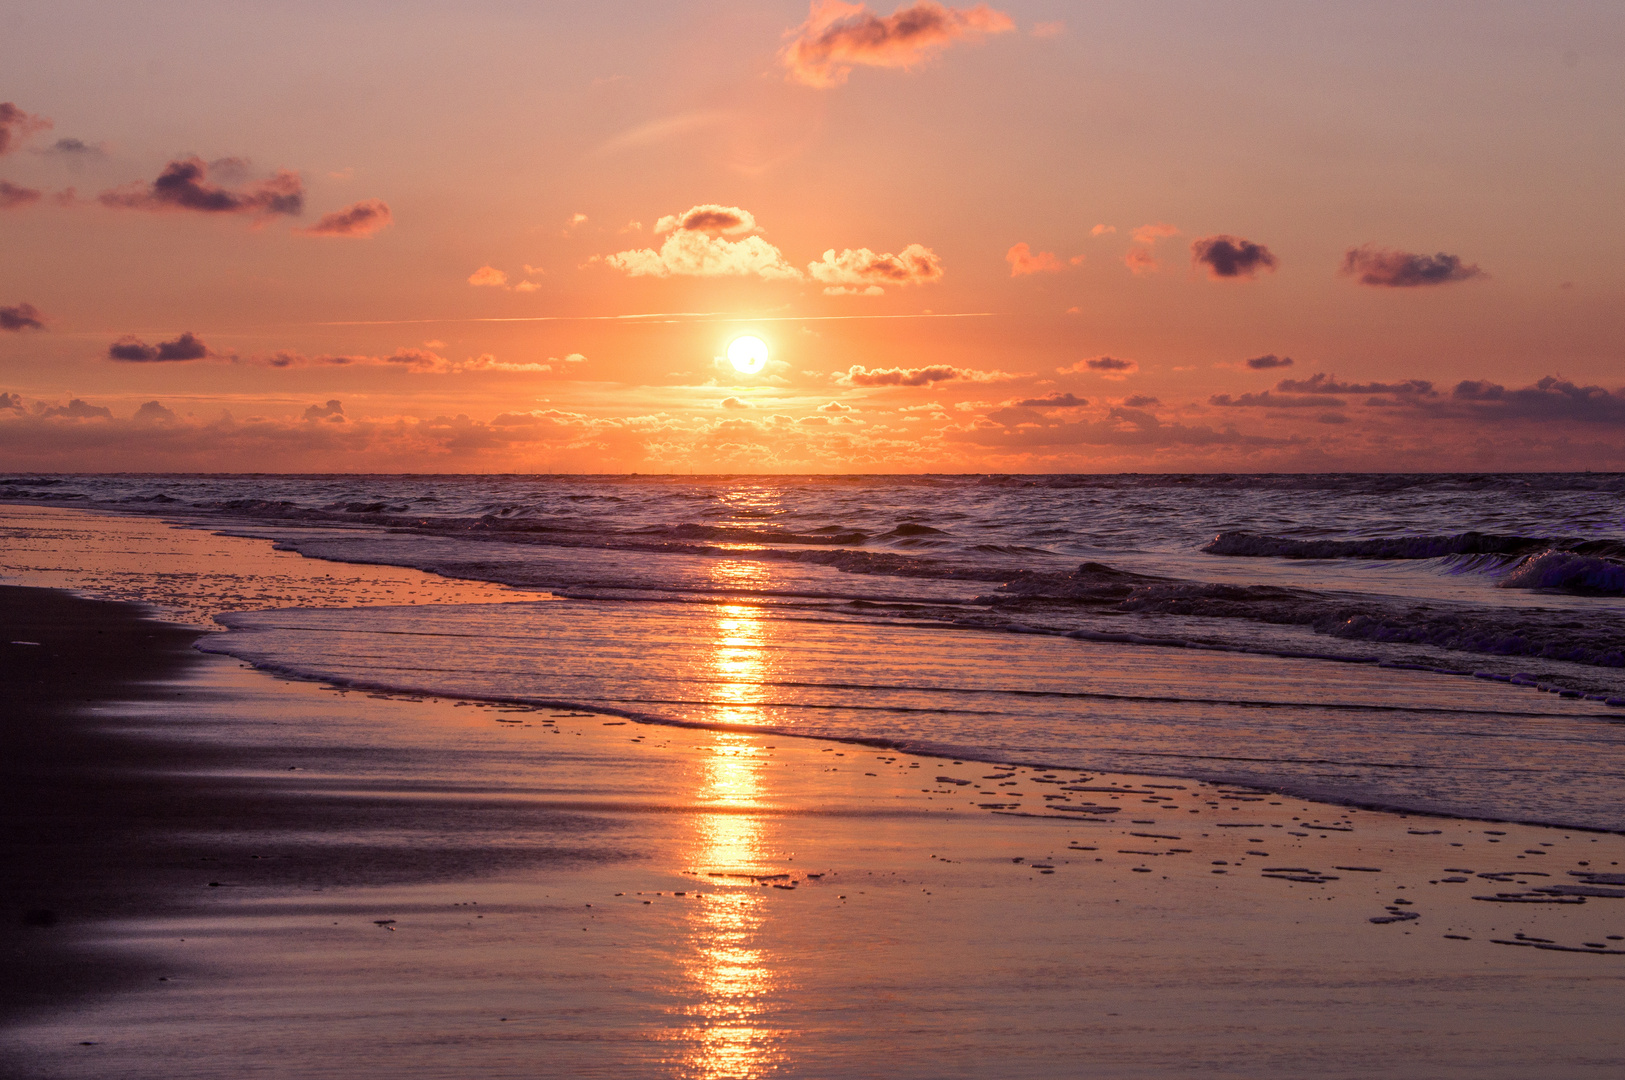 Sonnenuntergang in Juist